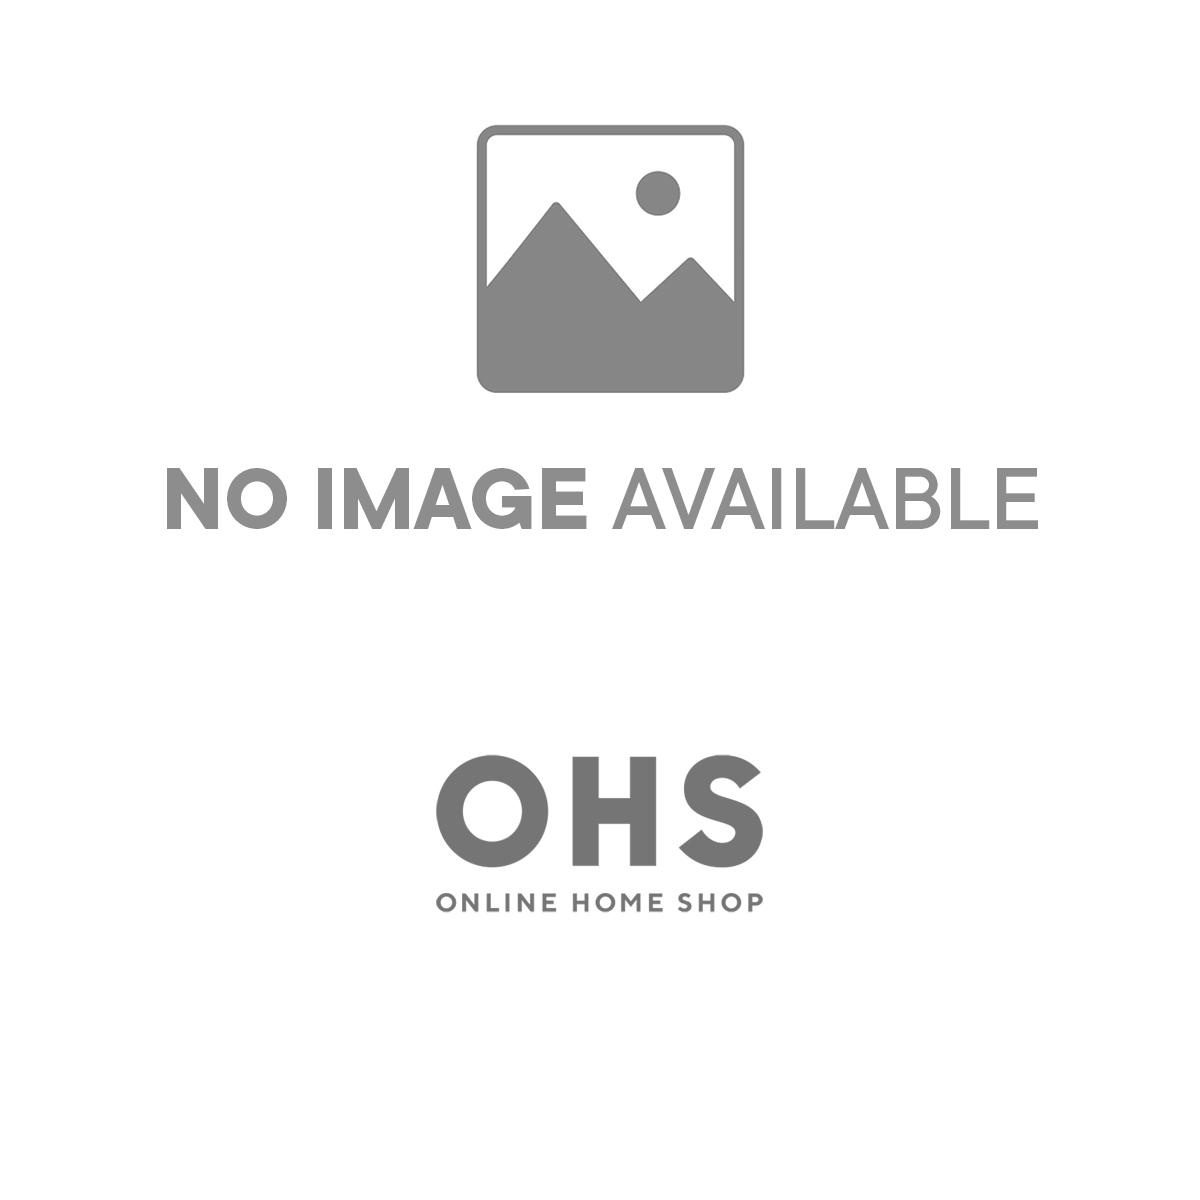 Dreamscene Kato Animal Print Duvet Cover Set - Black/Gold, Single